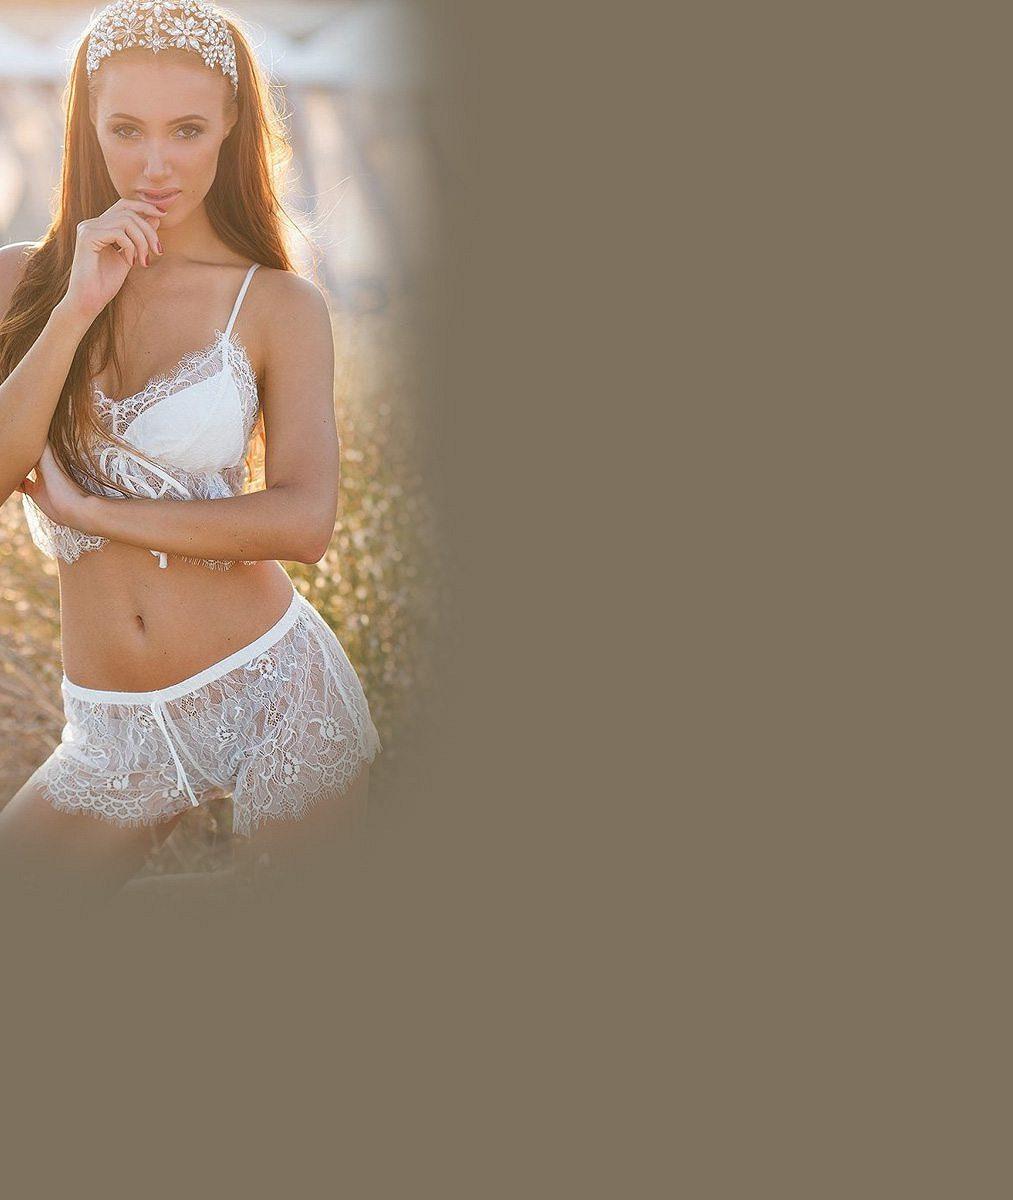 Nejhezčí šéfka soutěže krásy: Sexy Makarenko dřela v posilovně a své dokonalé tělo rozvlnila v moři